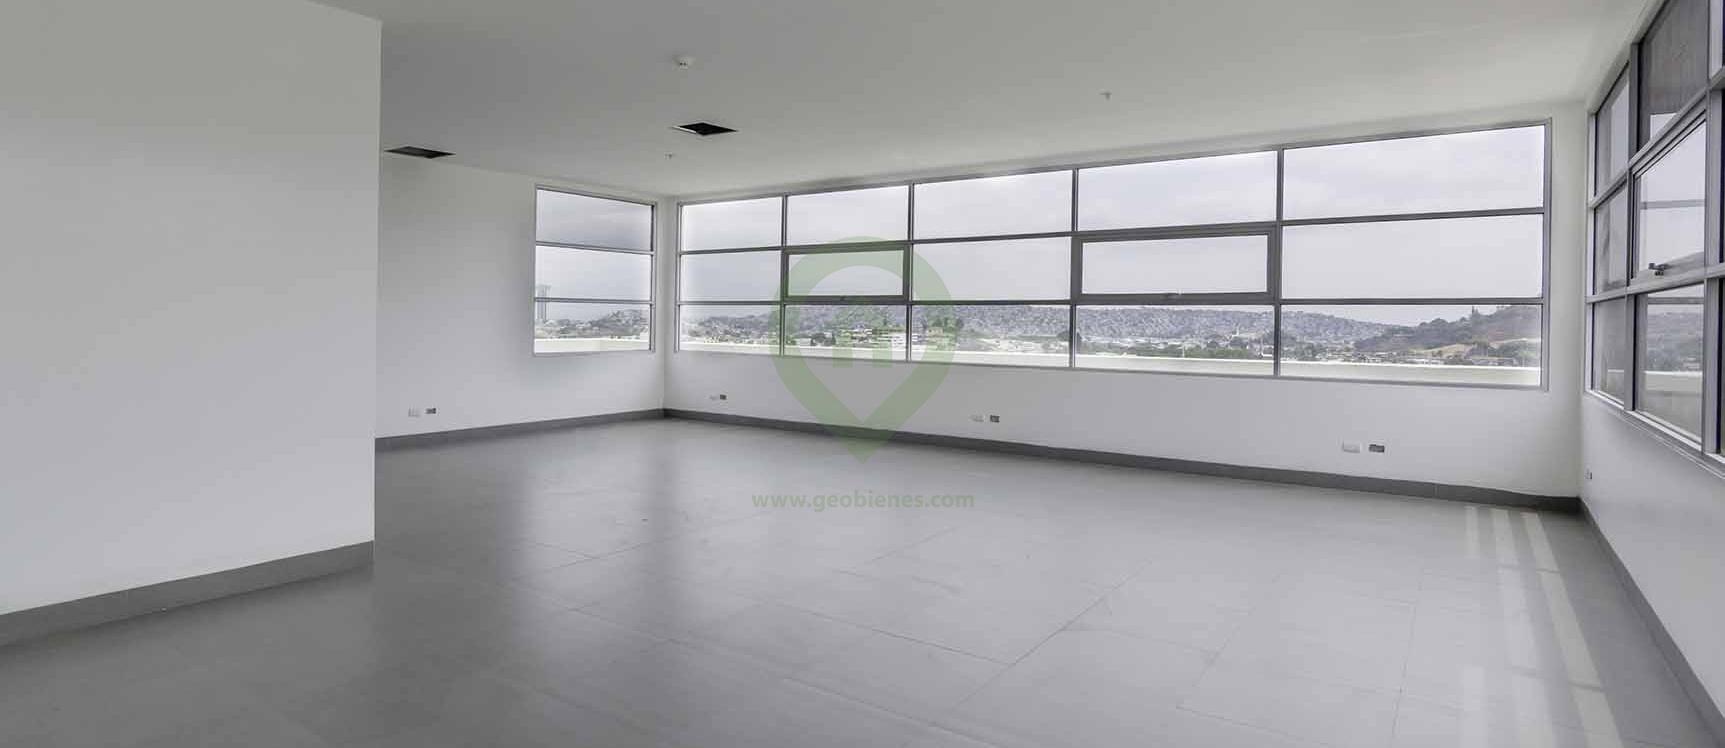 GeoBienes - Oficina en alquiler en Olivos Tower Los Ceibos - Guayaquil - Plusvalia Guayaquil Casas de venta y alquiler Inmobiliaria Ecuador